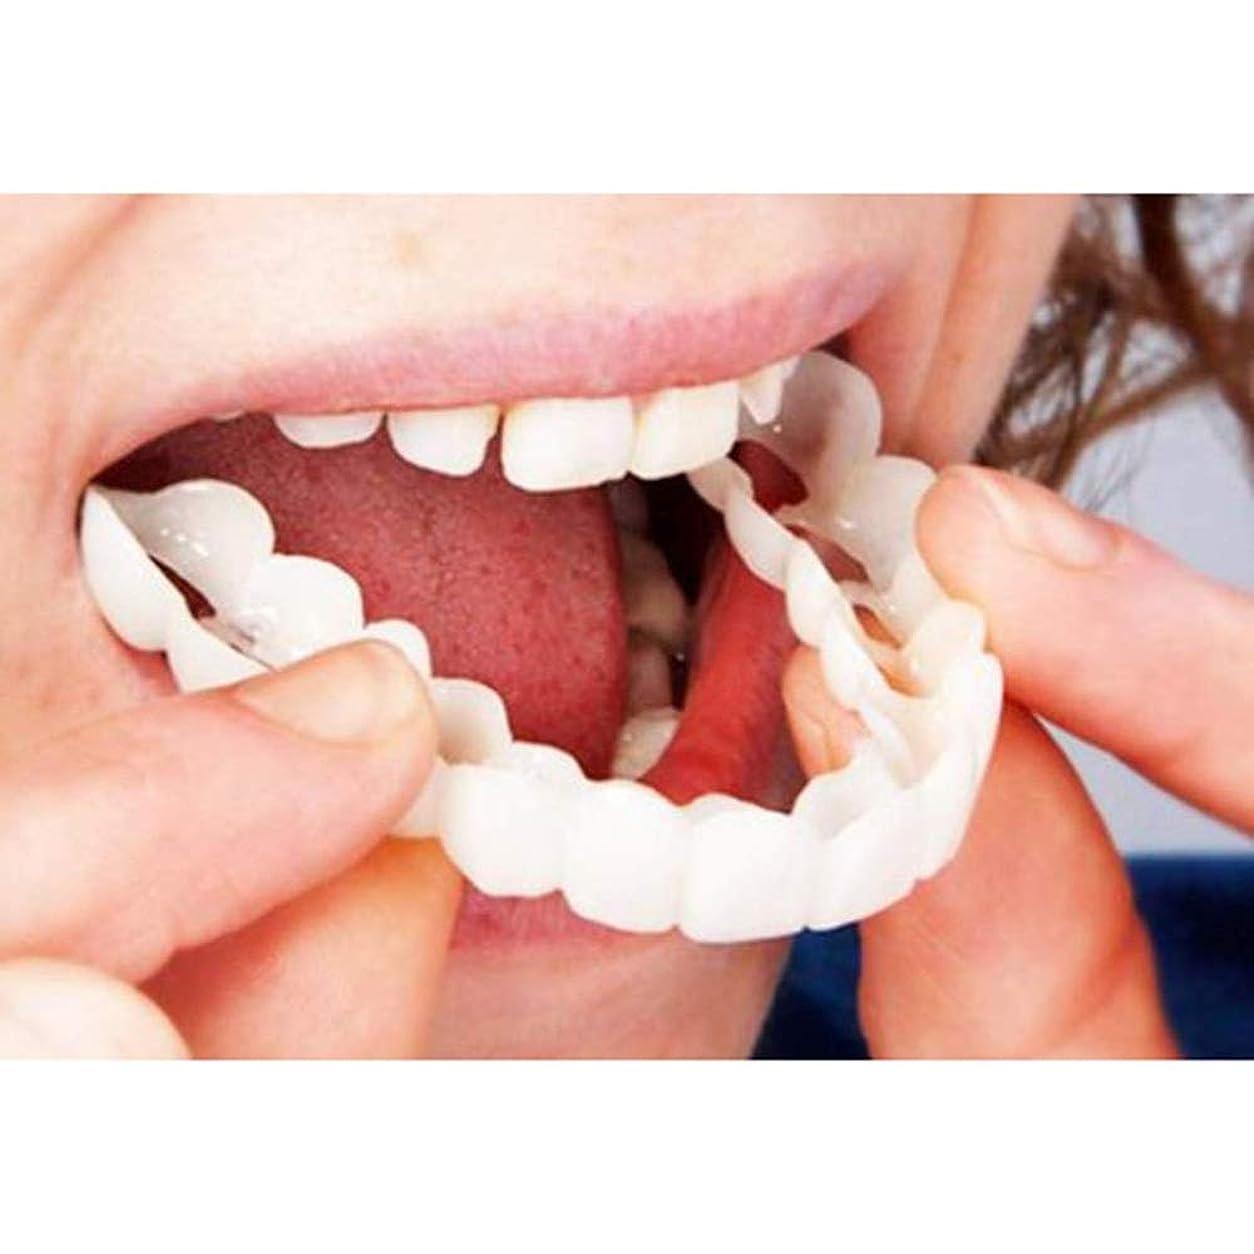 前部数ベリ化粧品の歯、5個スナップインスタントスマイルアッパーベニアコンフォートフィットフレックス化粧品の歯ワンサイズフィット最も快適な義歯